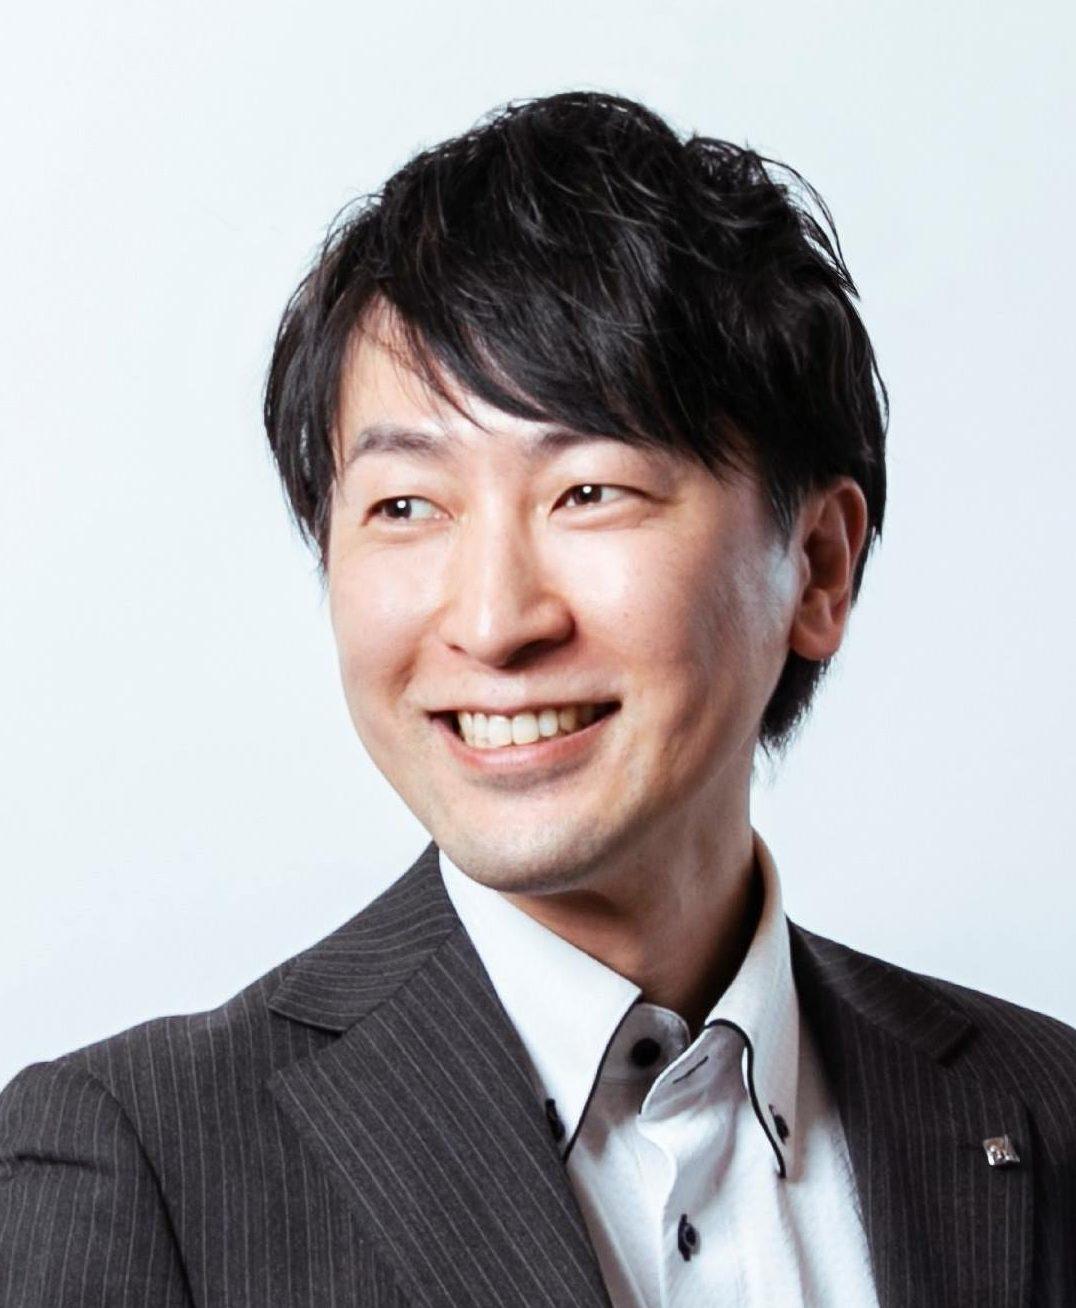 株式会社ローンディール   大川 陽介 氏